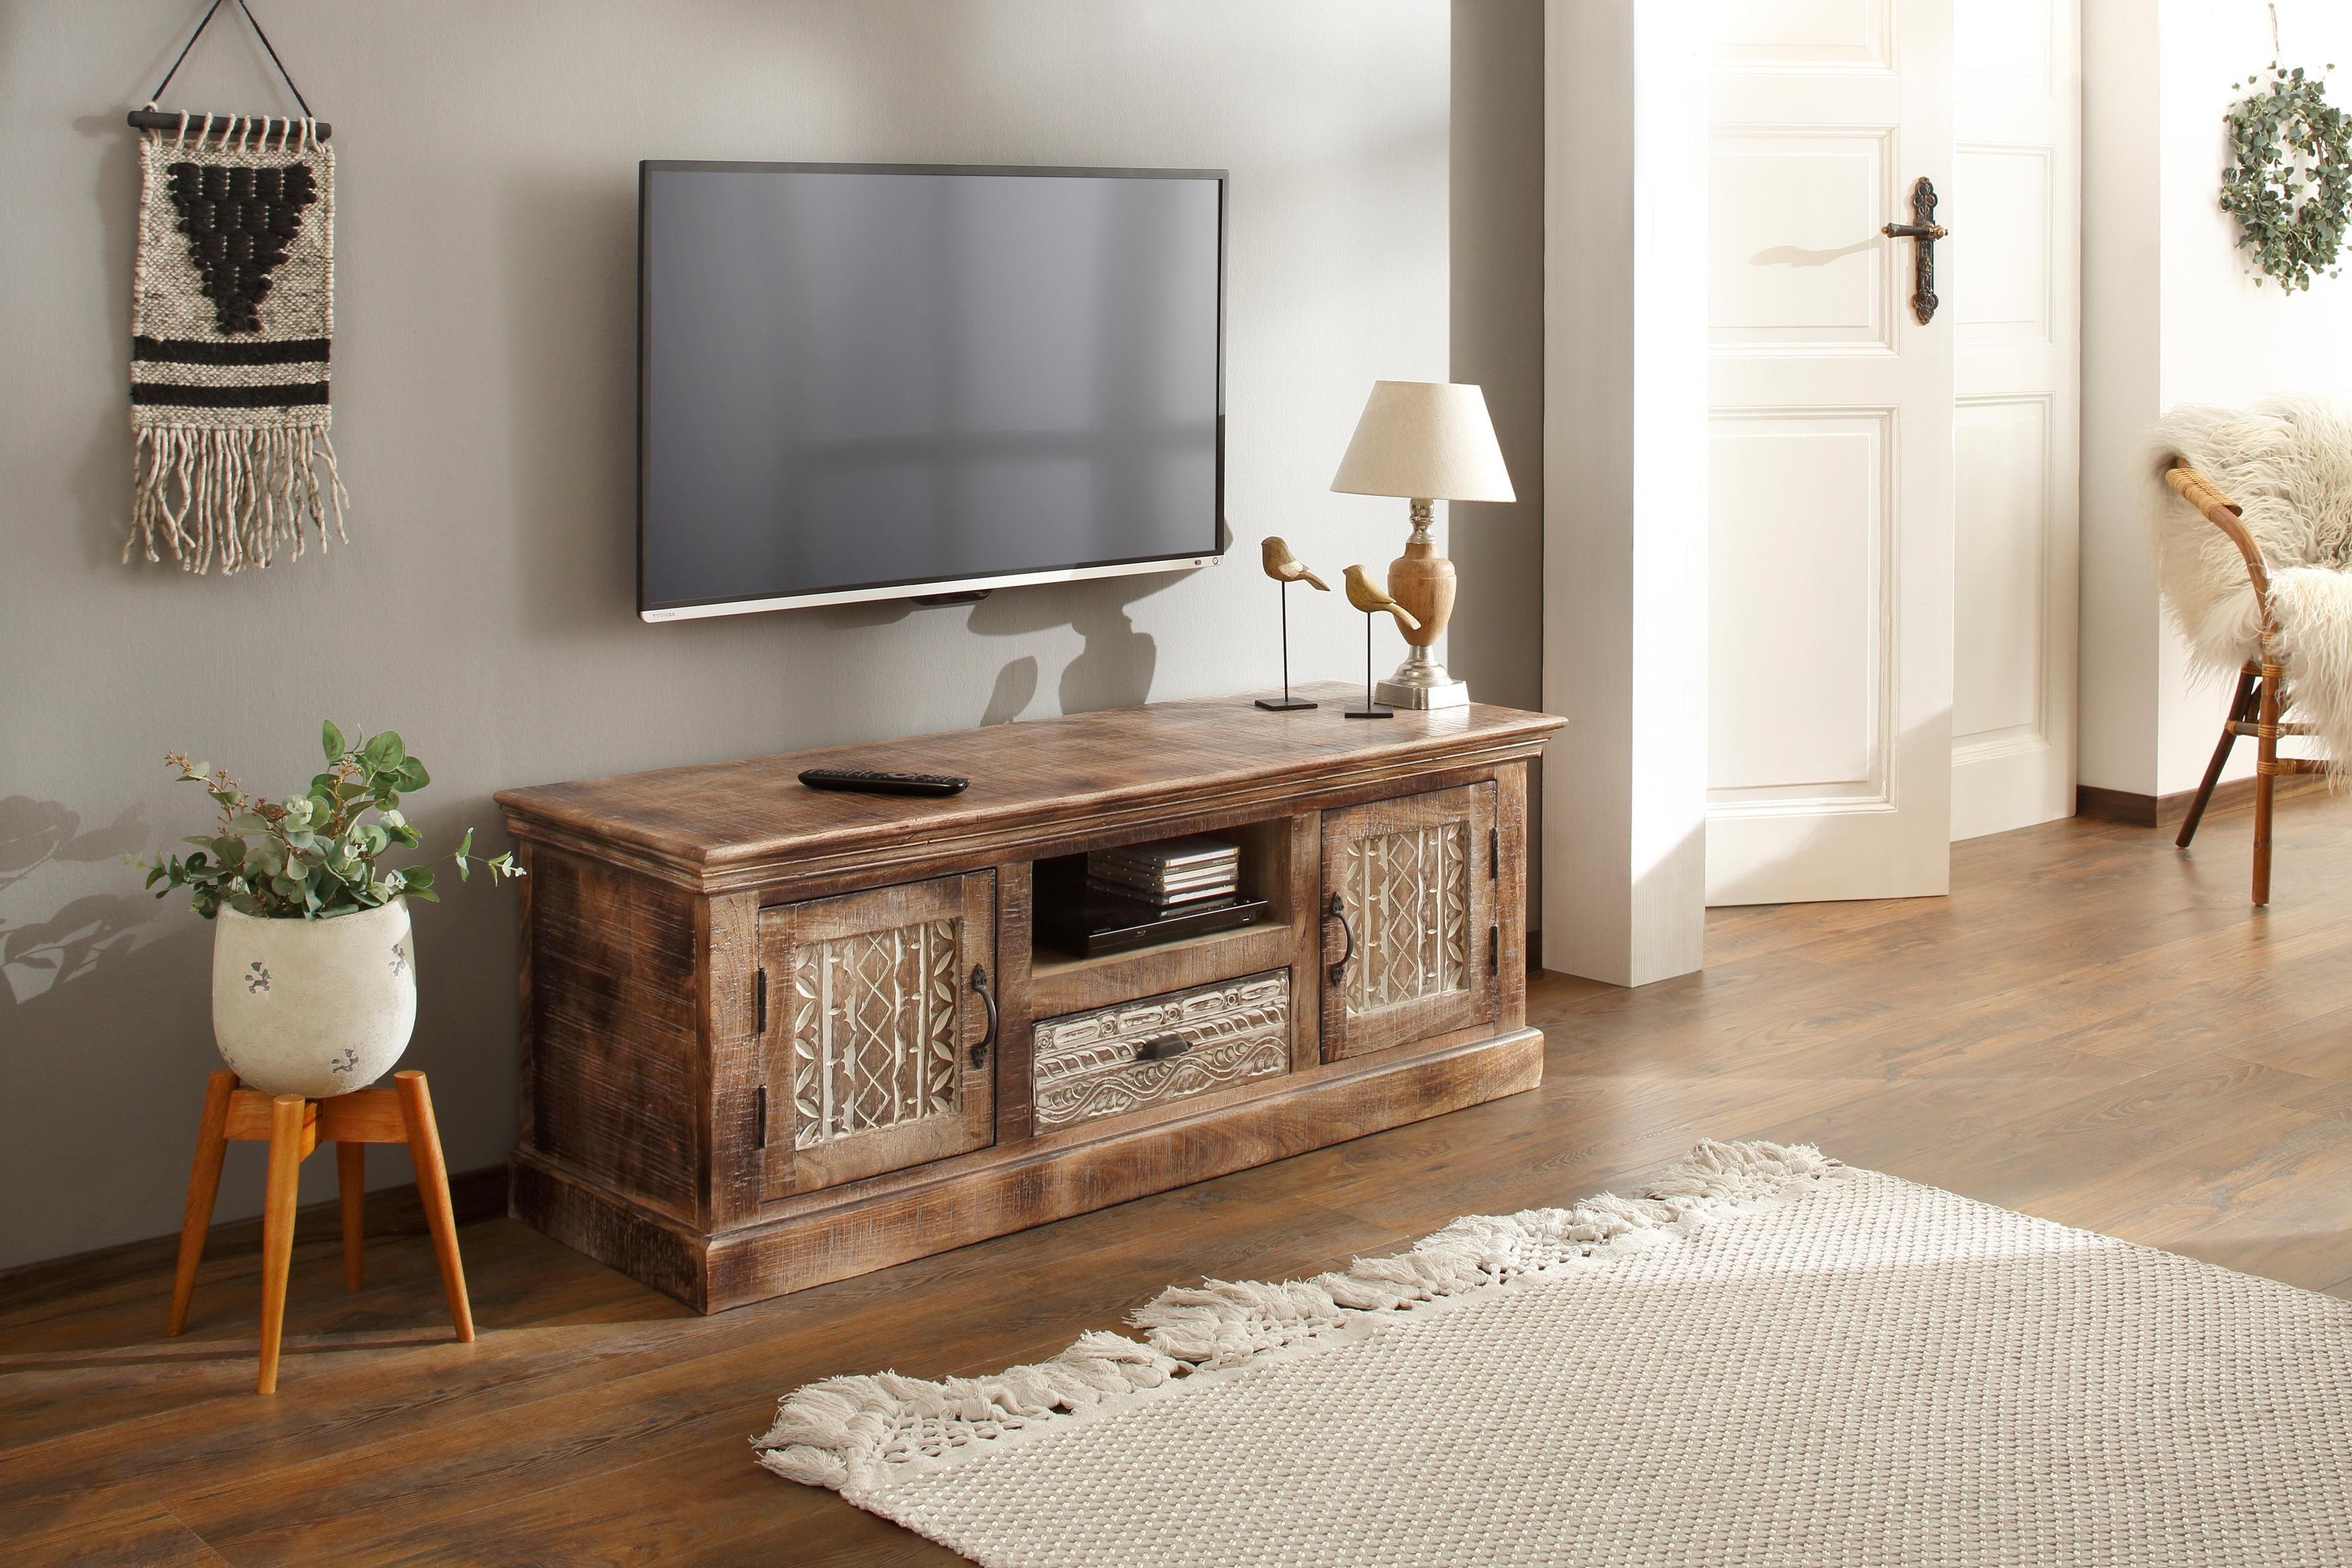 Home affaire tv-meubel »Maneesh« bestellen: 30 dagen bedenktijd